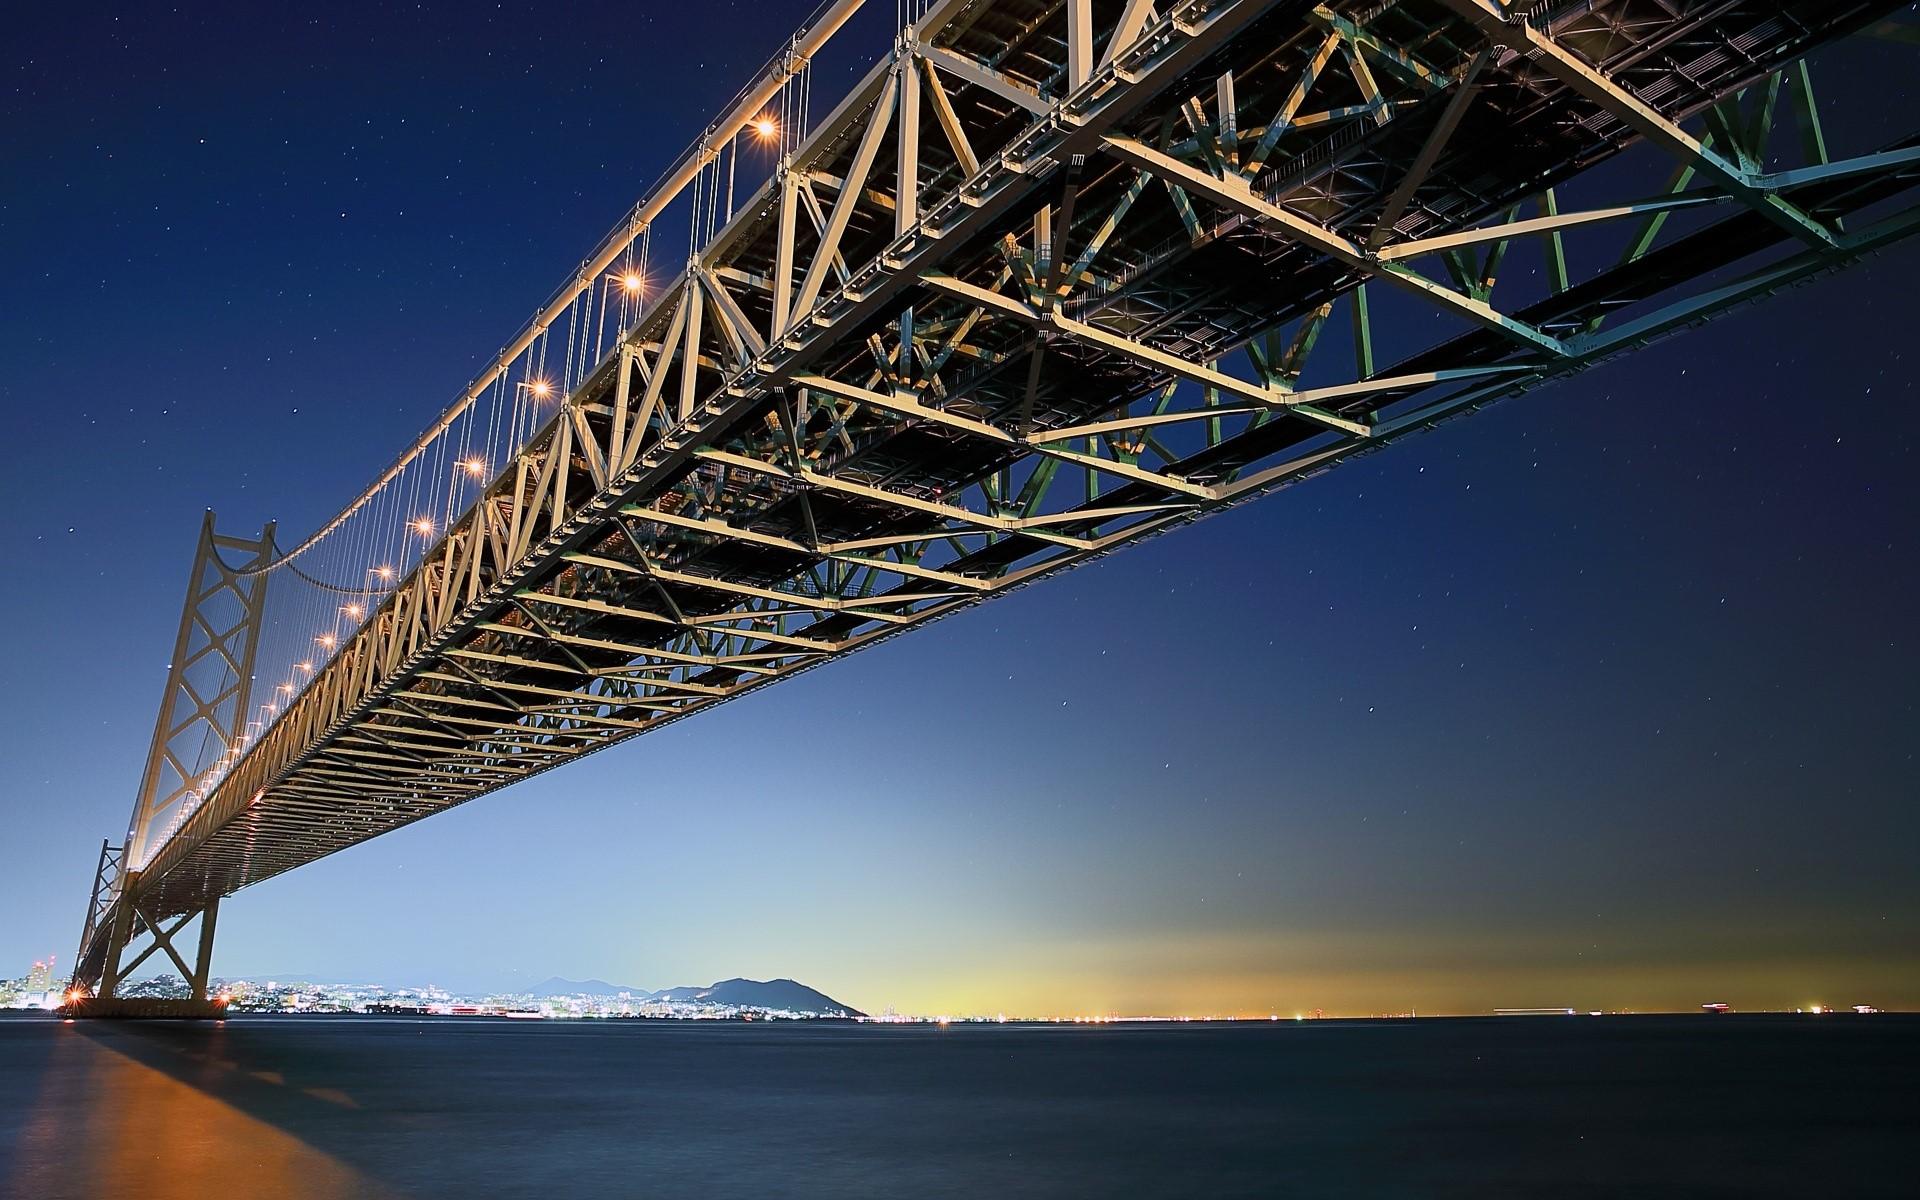 Fondos de pantalla Puente Akashi Kaikyo